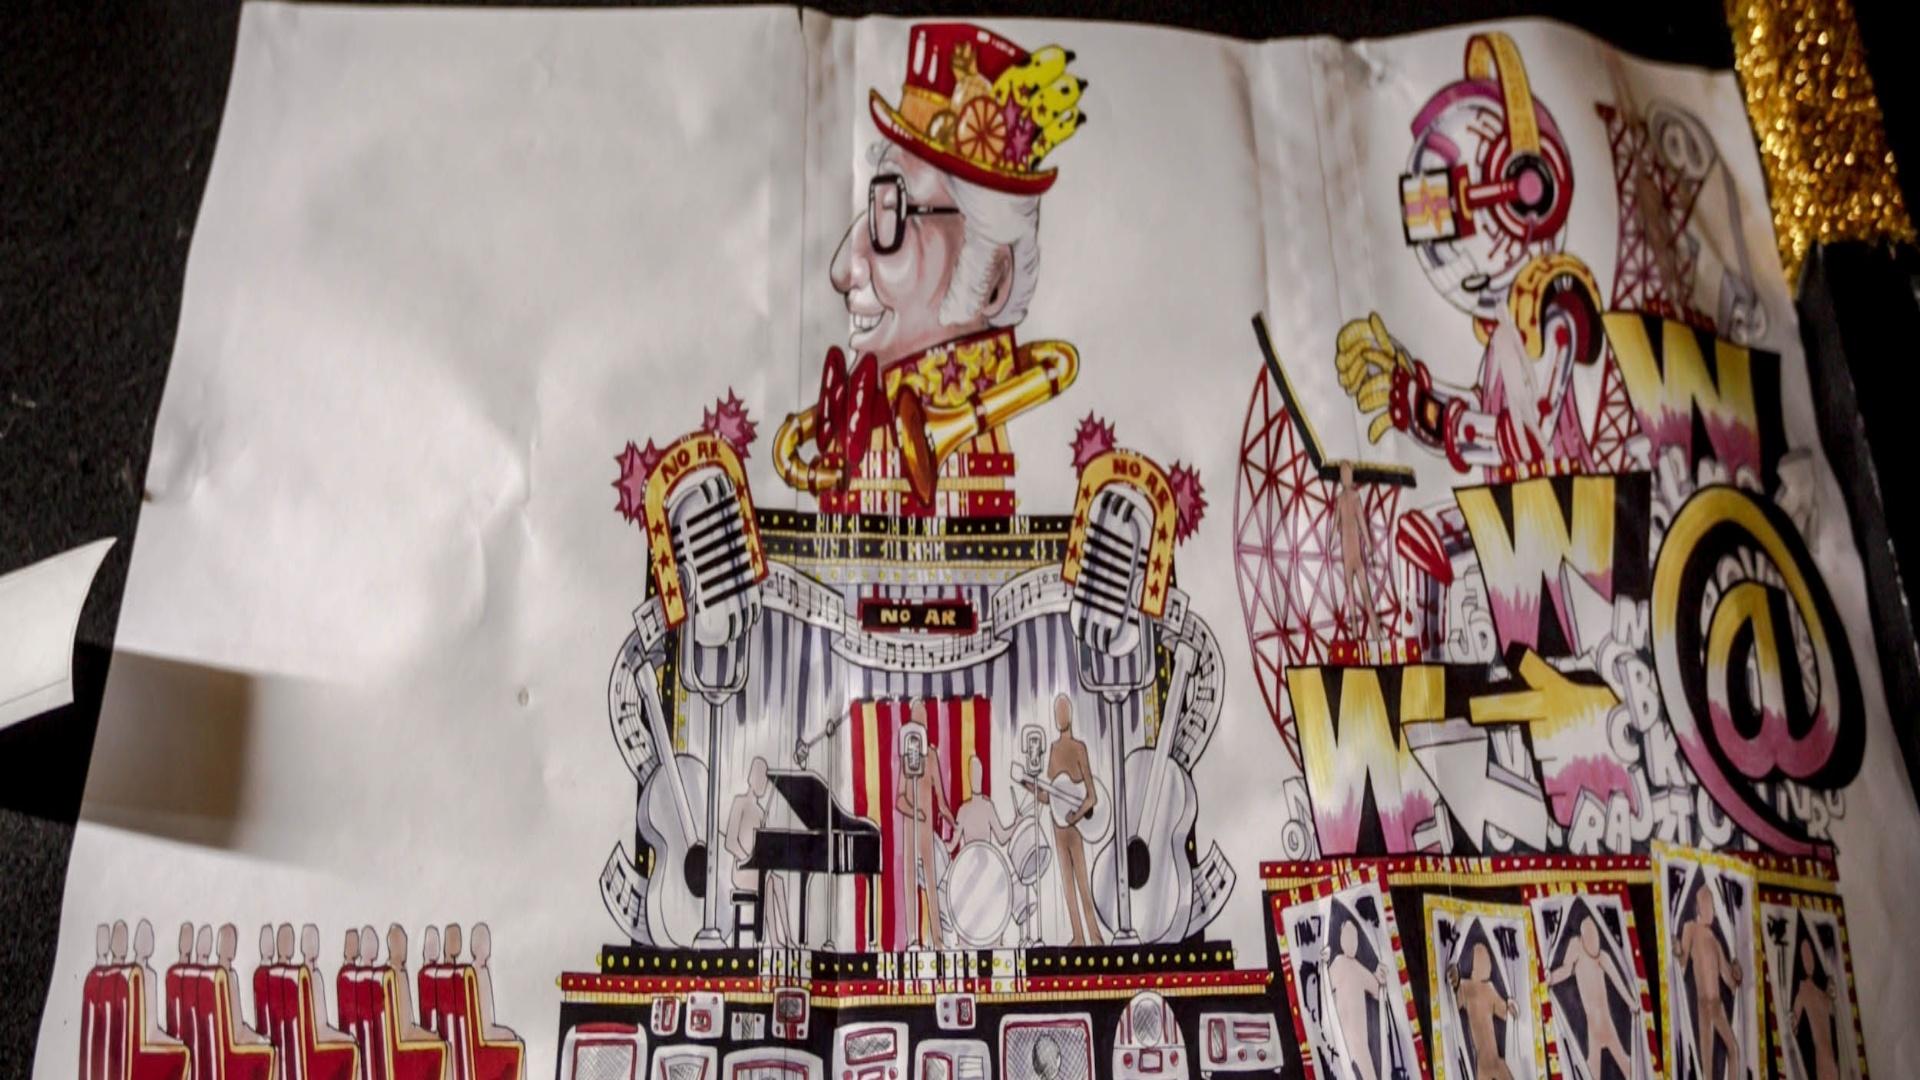 17.jan.2013 Desenho do carro alegórico que terá Chacrinha como personagem principal e logo atrás o carro que transimite a era da informatização